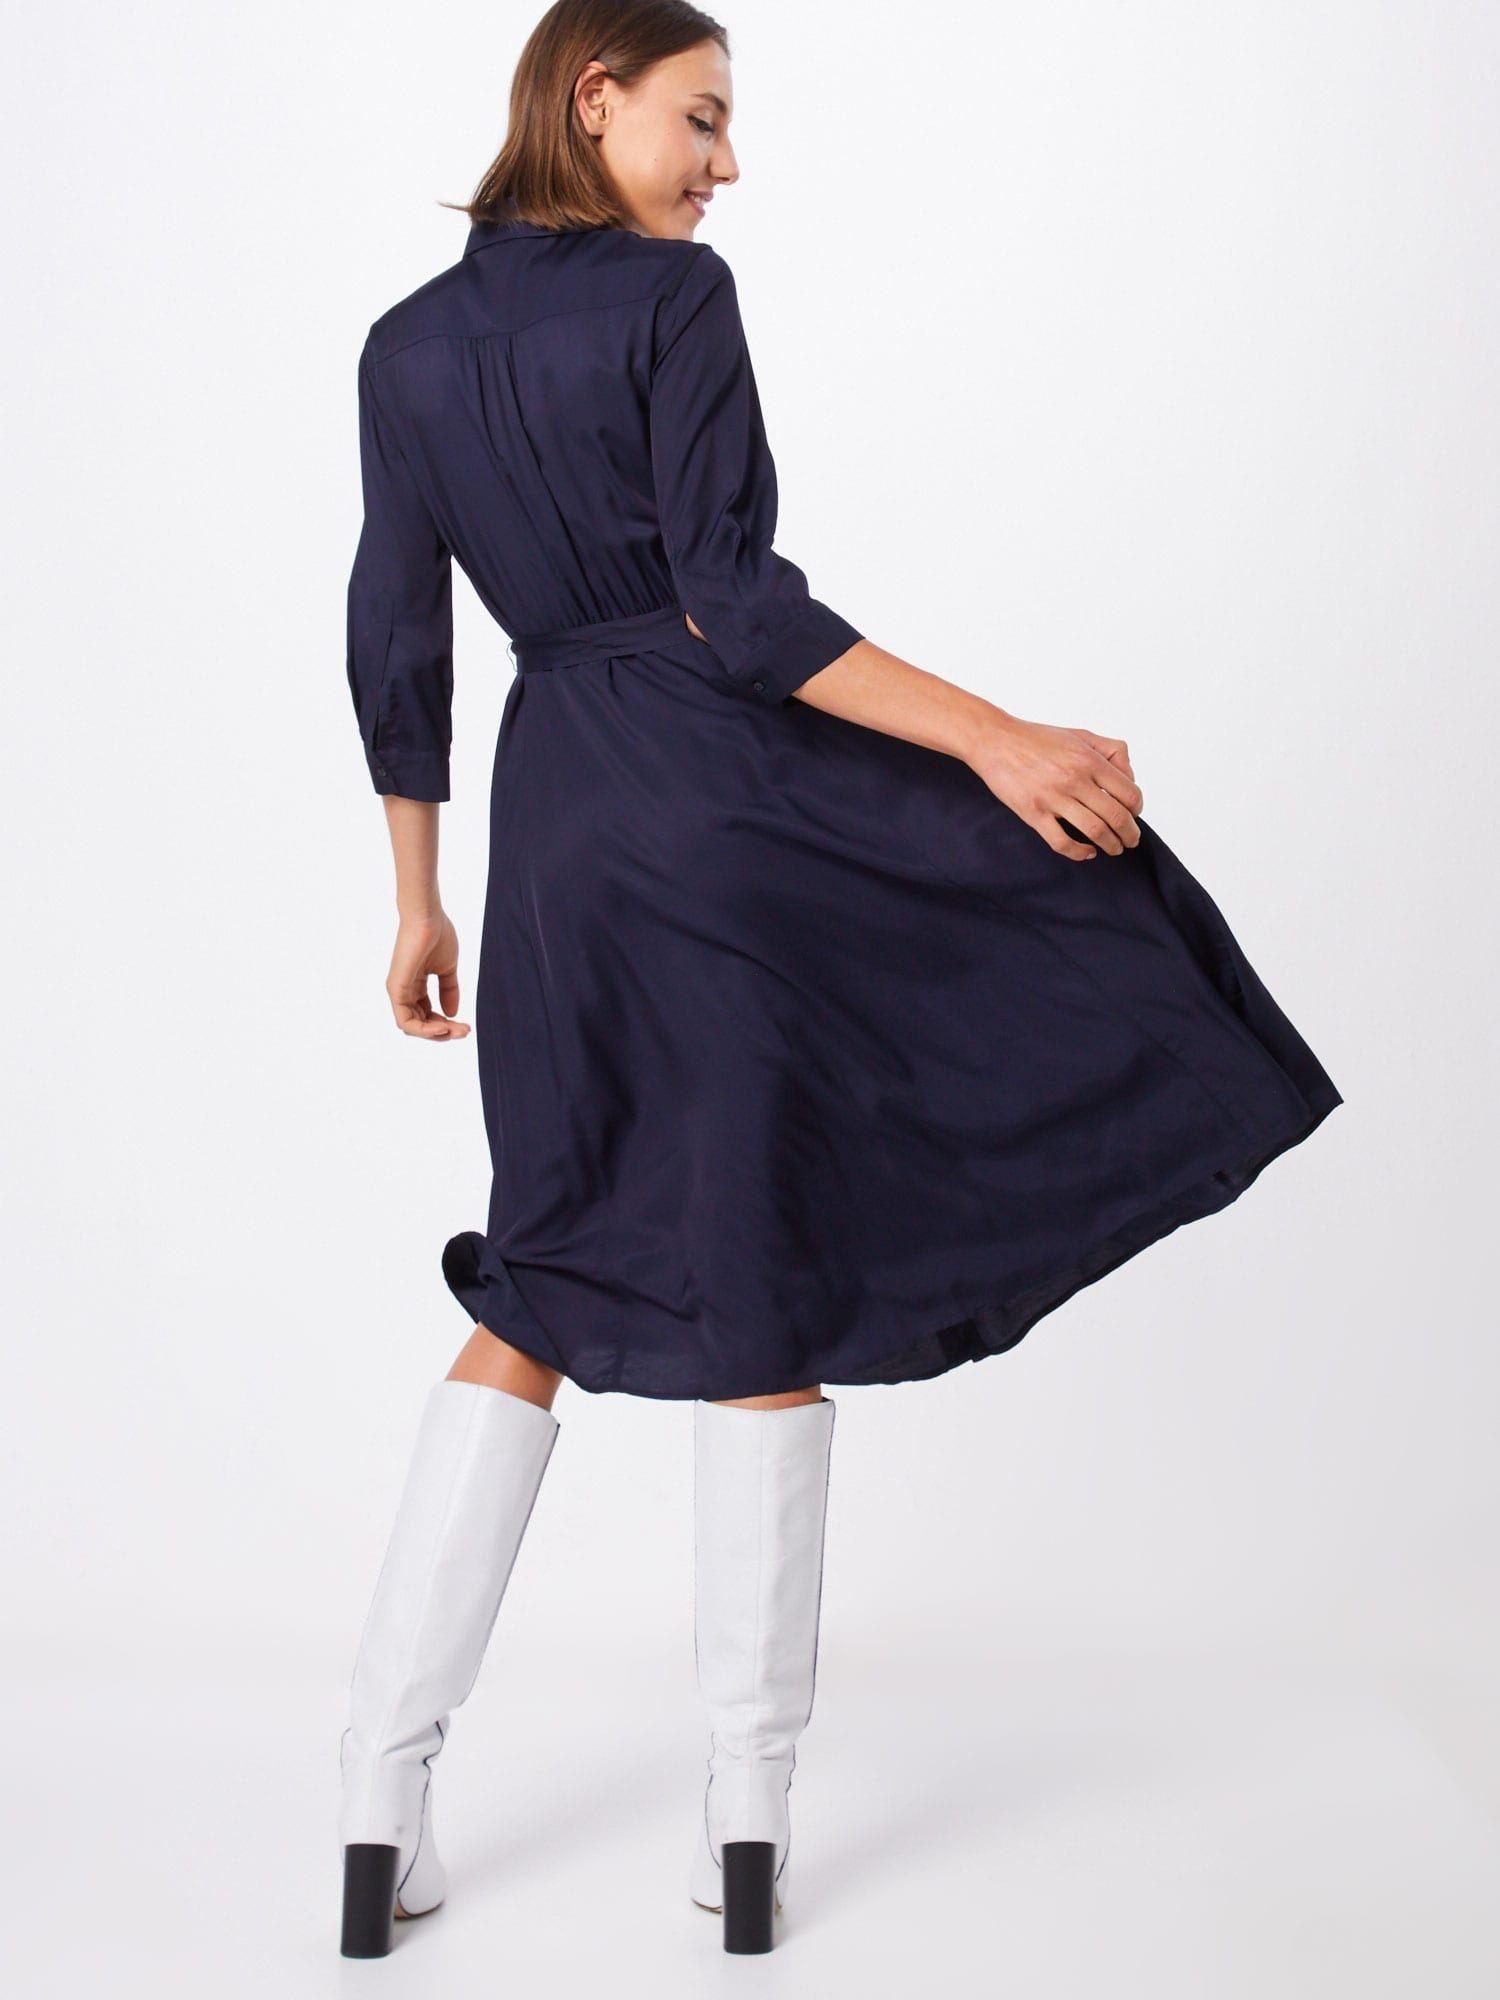 S Oliver Black Label Kleid Damen Blau Grosse 40 Kleid Arbeit Kleider Und Unterkleid